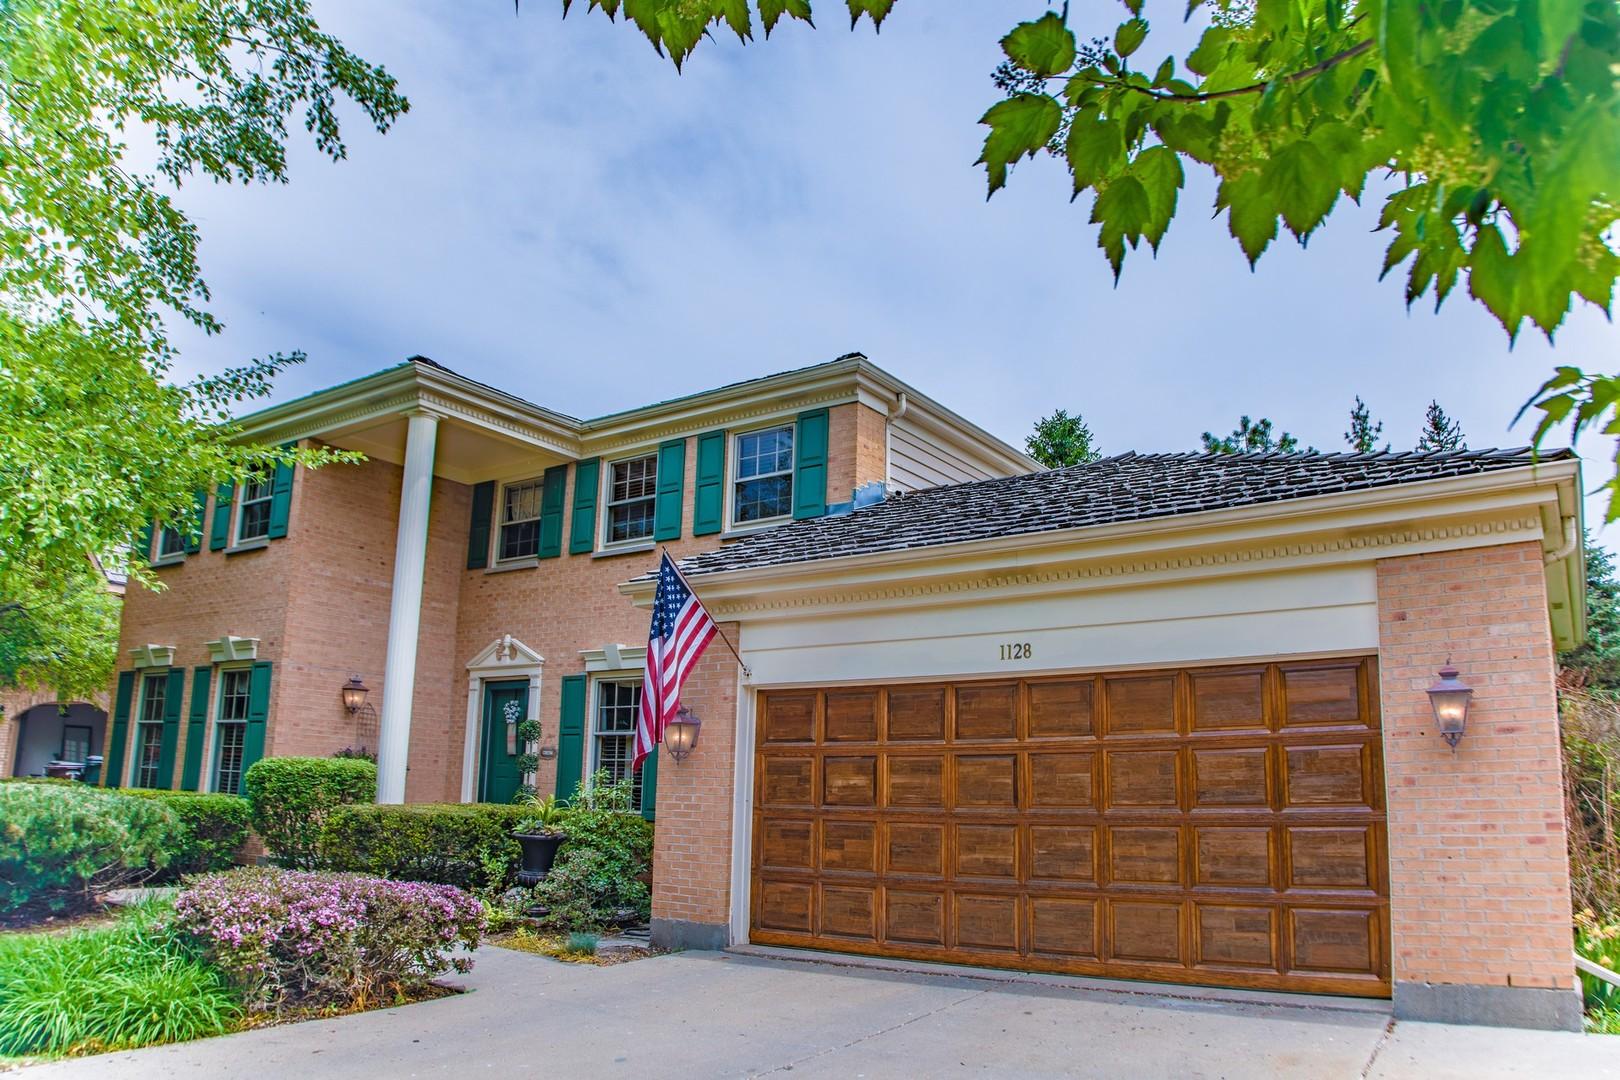 1128 Loyola Drive, Libertyville, Illinois 60048